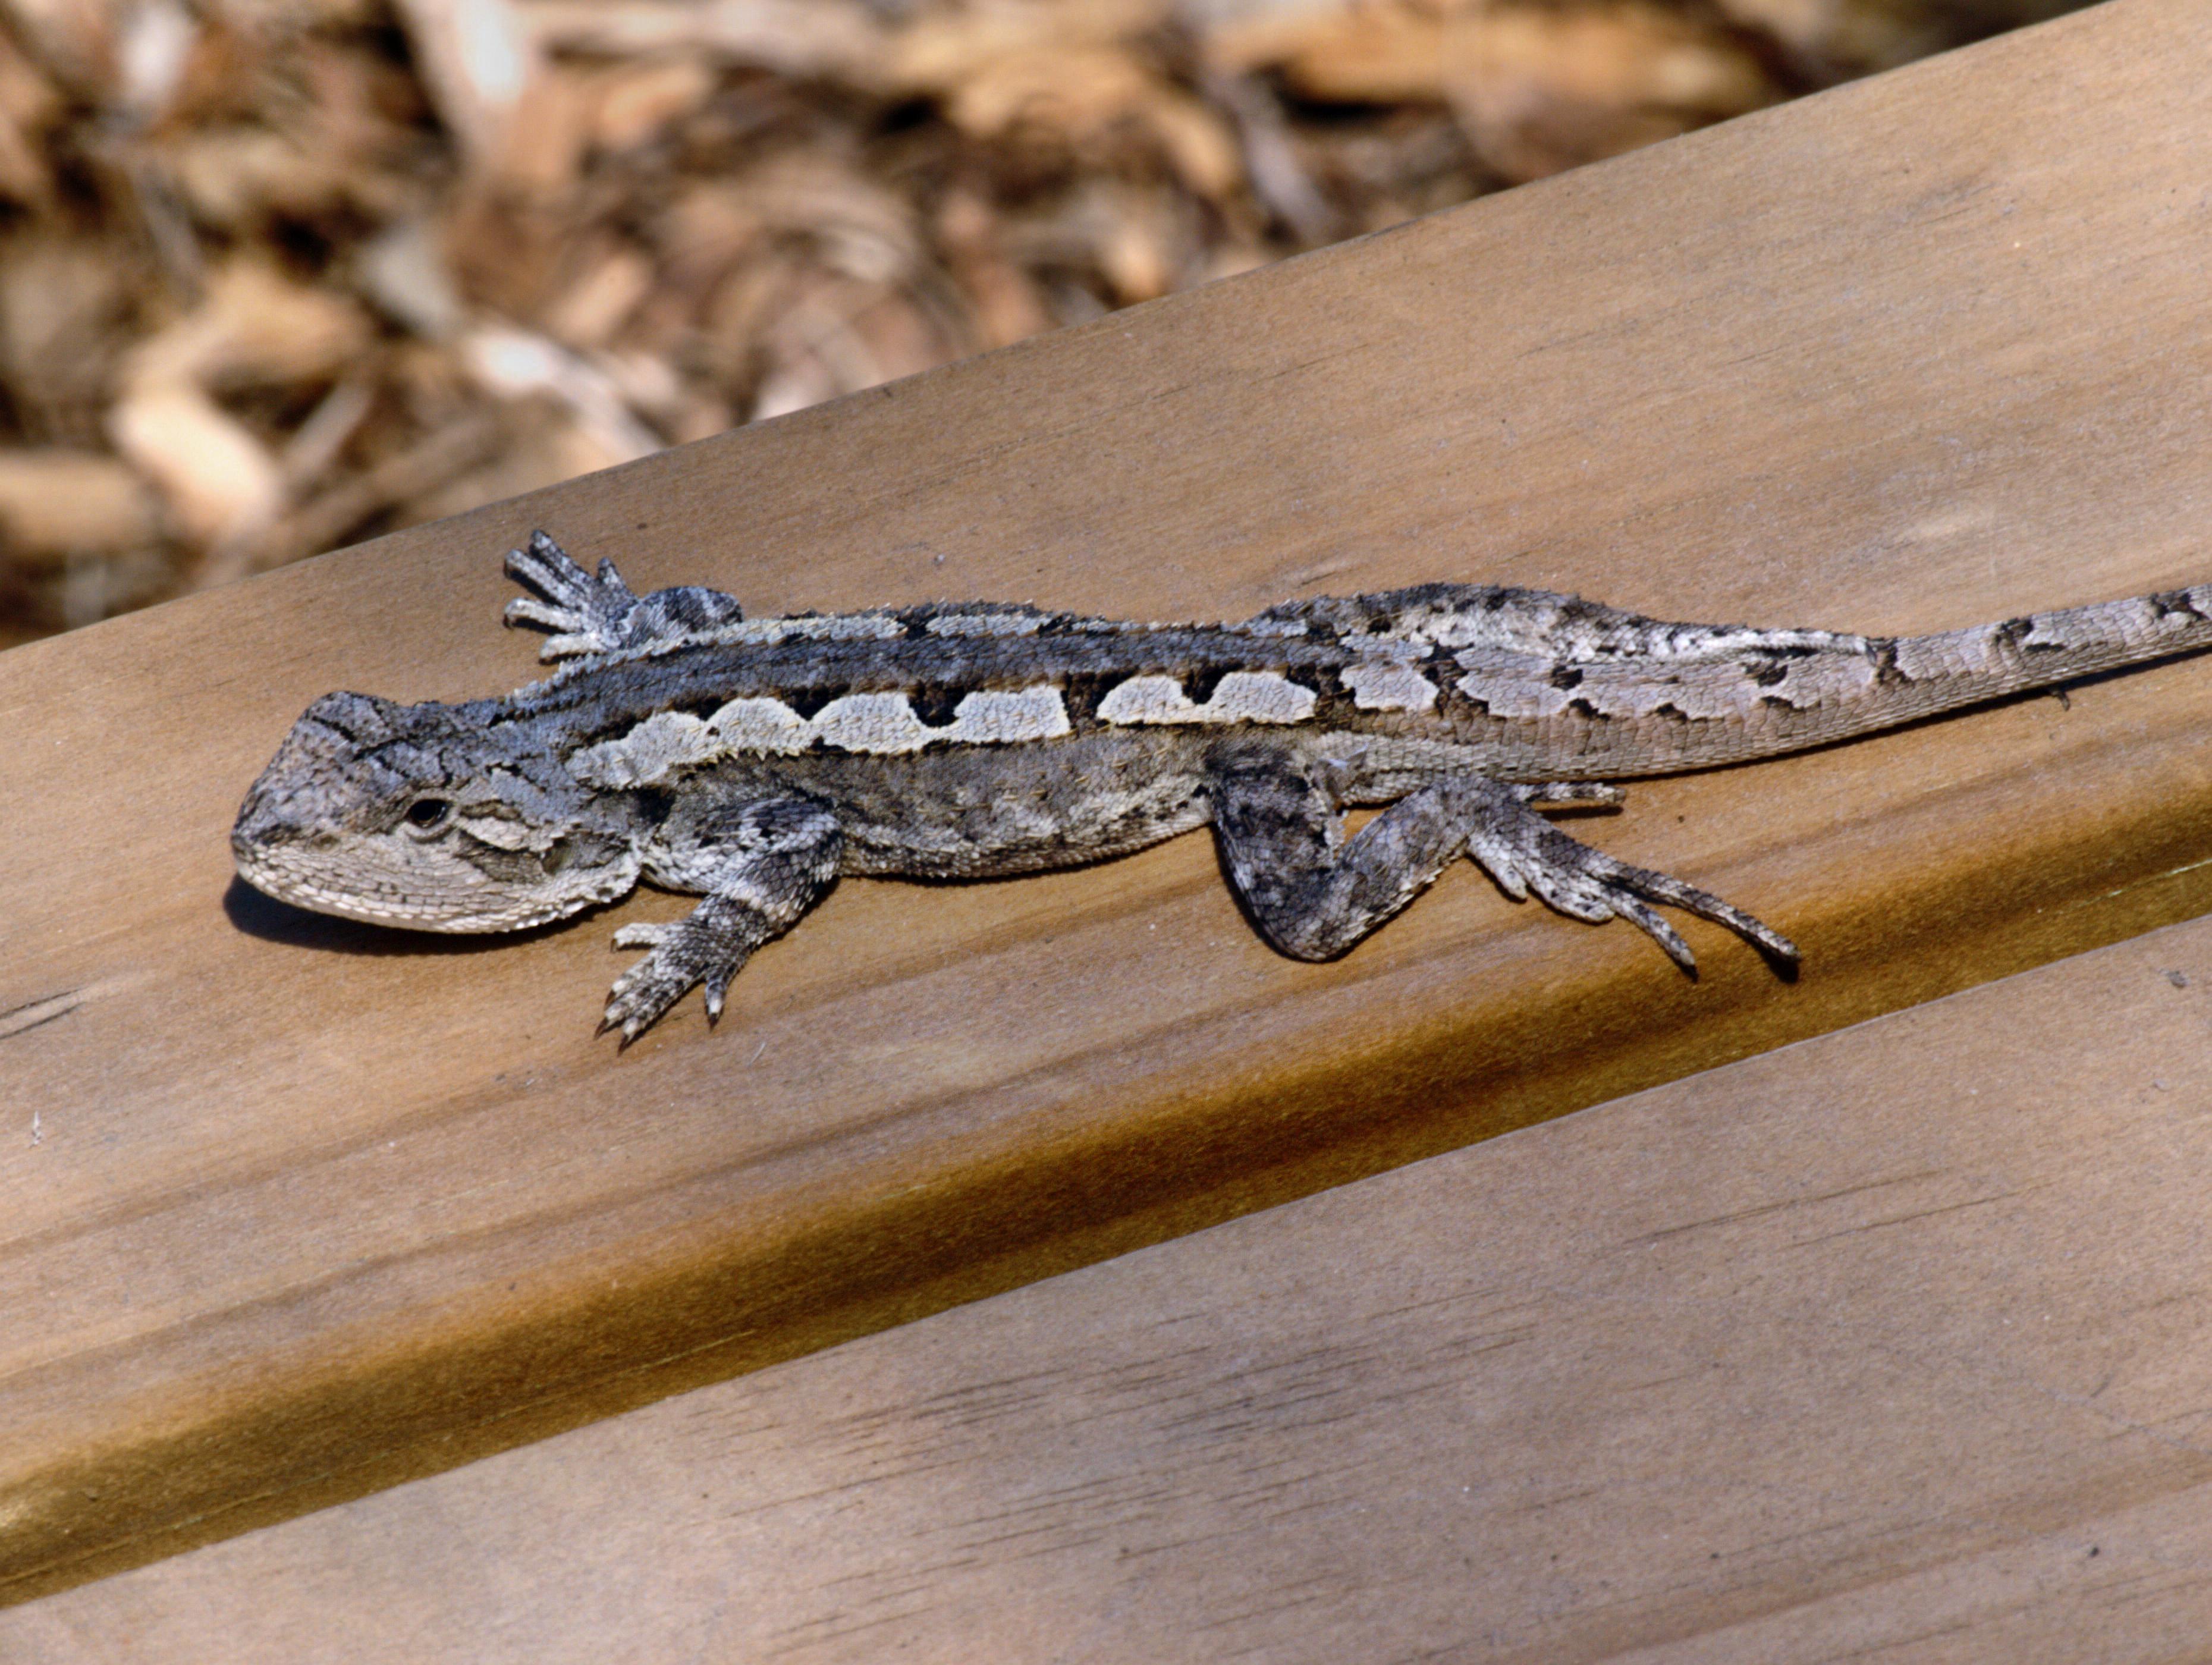 lizard-3.jpeg